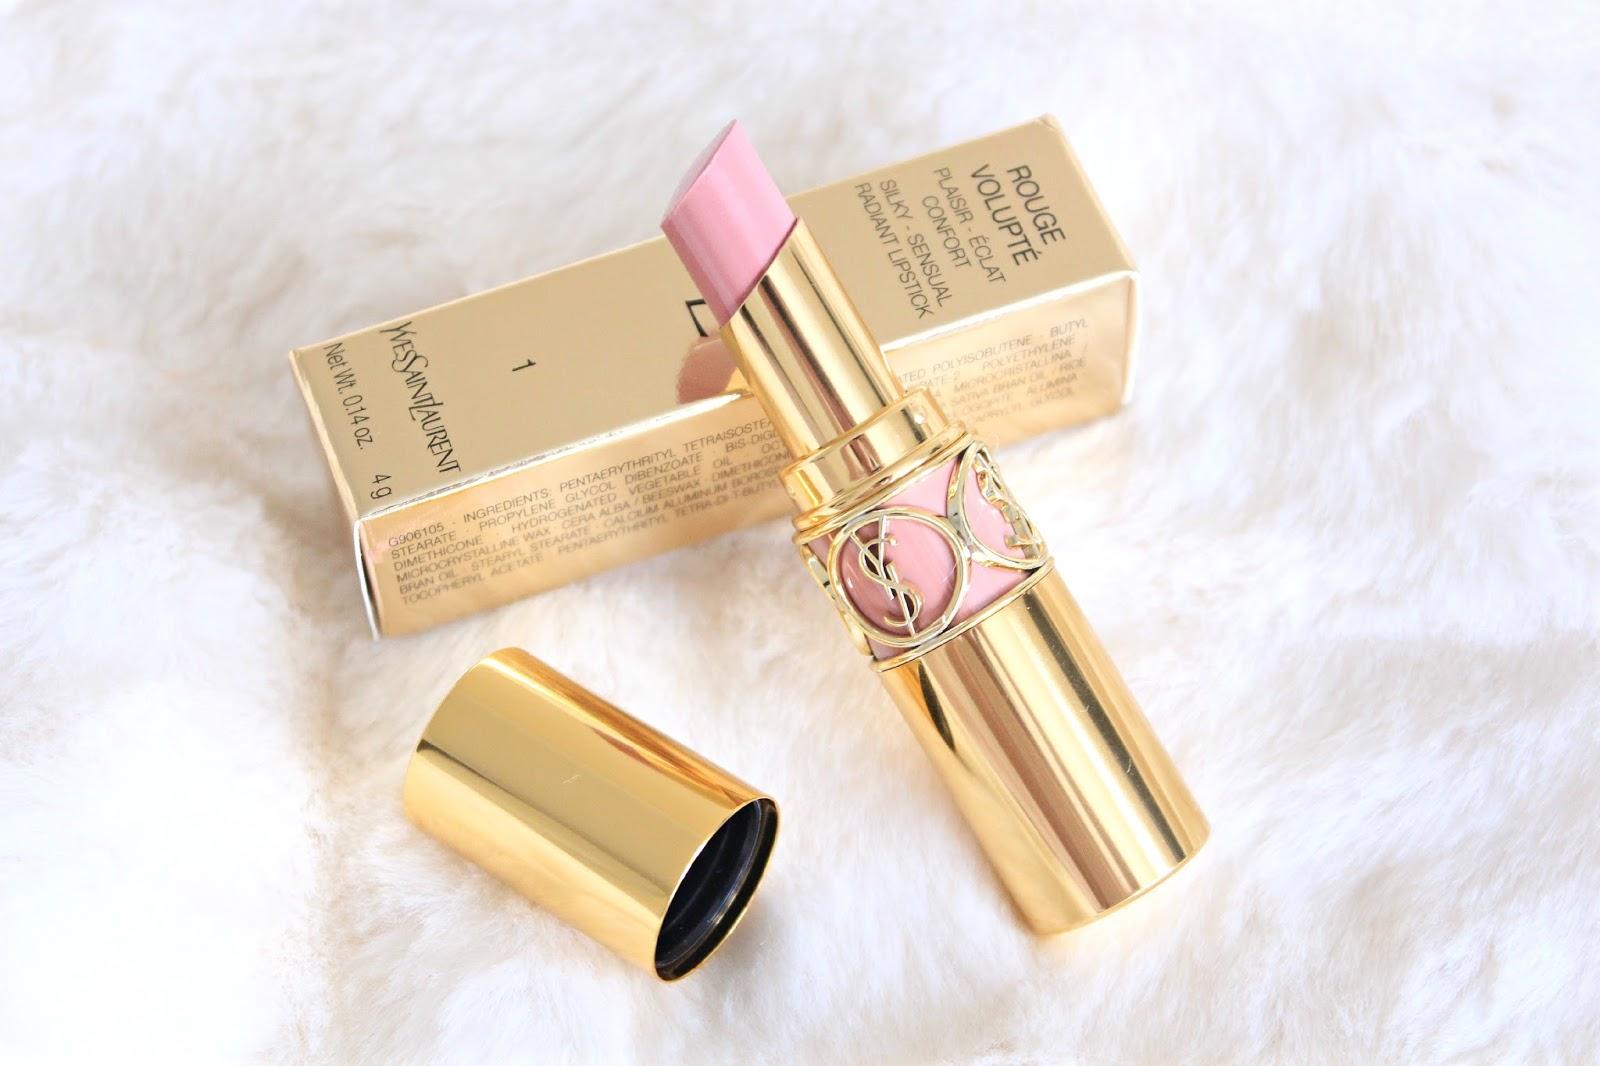 YSL Rouge Volupte Lipstick No1 Nude Beige